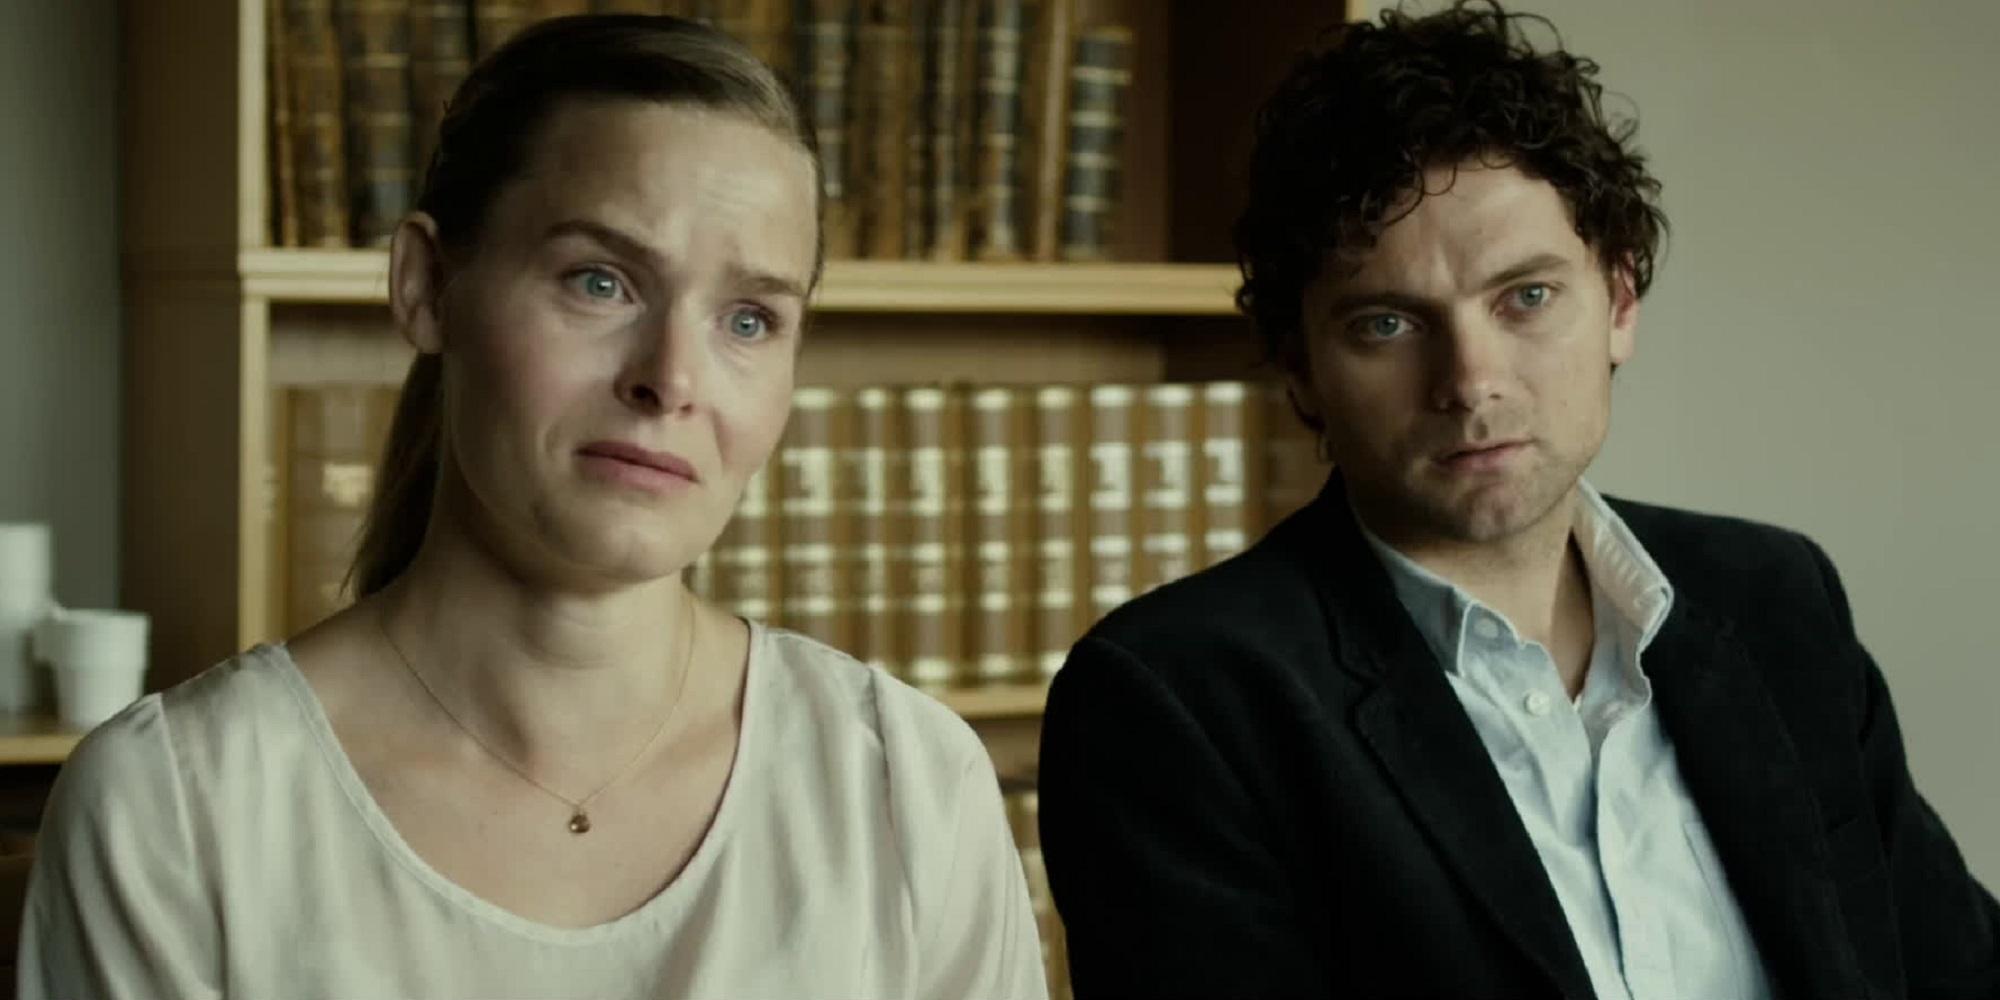 En mann i dressjakke og en kvinne med et fortvilet uttrykk i ansiktet. Foto.